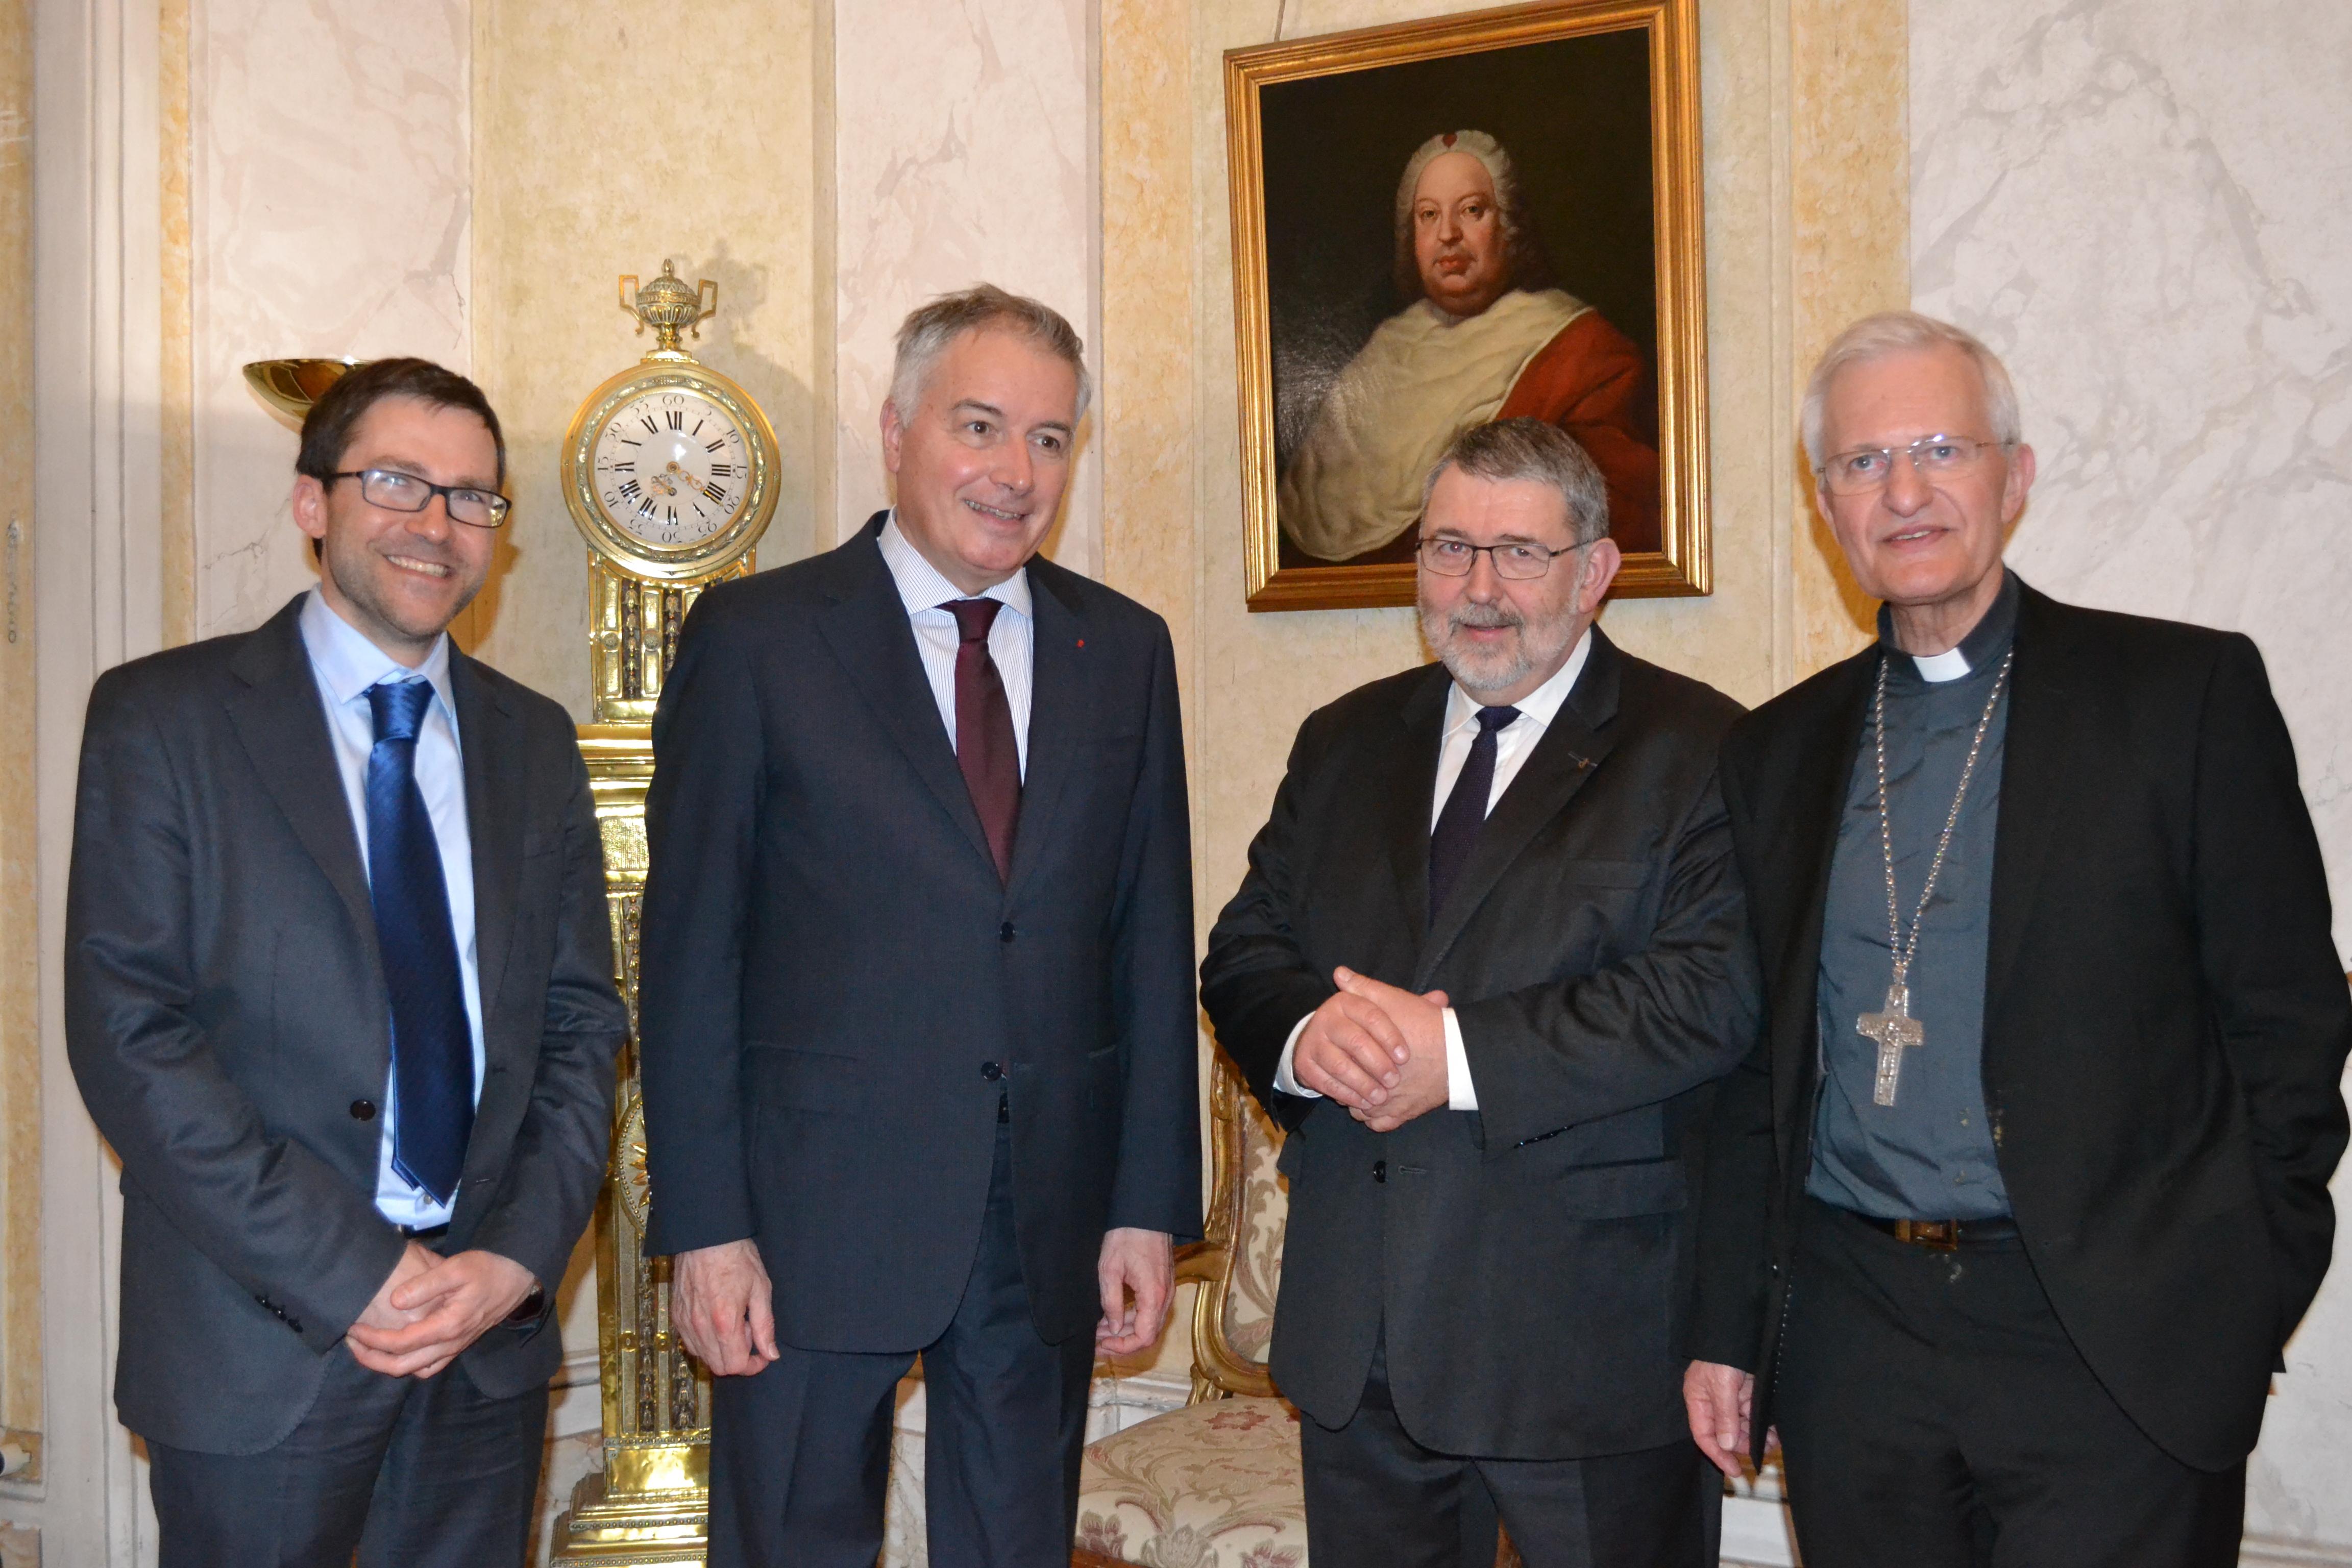 Guillaume Nicolas (DG de la DCC), Philippe Zeller (Ambassadeur de France près le St Siège), François Fayol (président de la DCC), Mgr Jean-Louis Papin (évêque de Nancy et Toul), courtoisie de la DCC